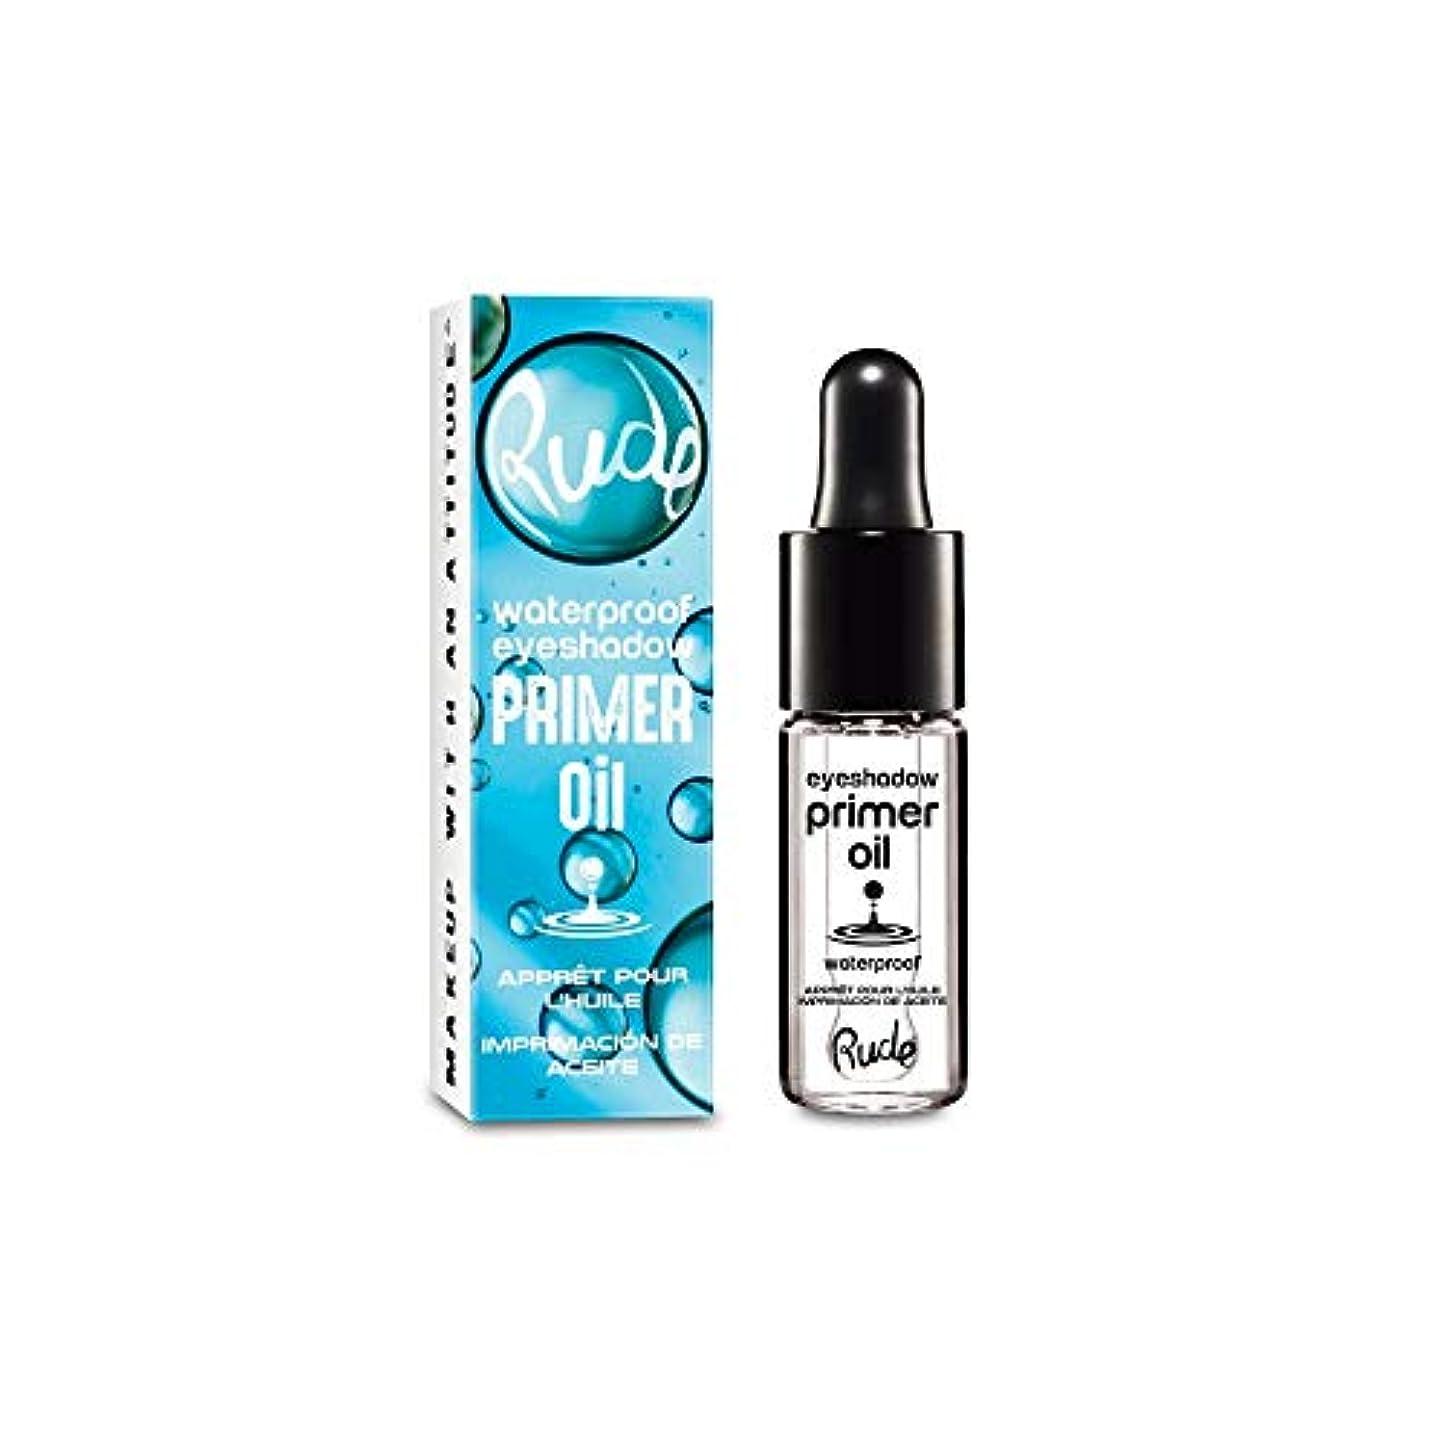 妖精襲撃ニンニク(3 Pack) RUDE Waterproof Eyeshadow Primer Oil (並行輸入品)